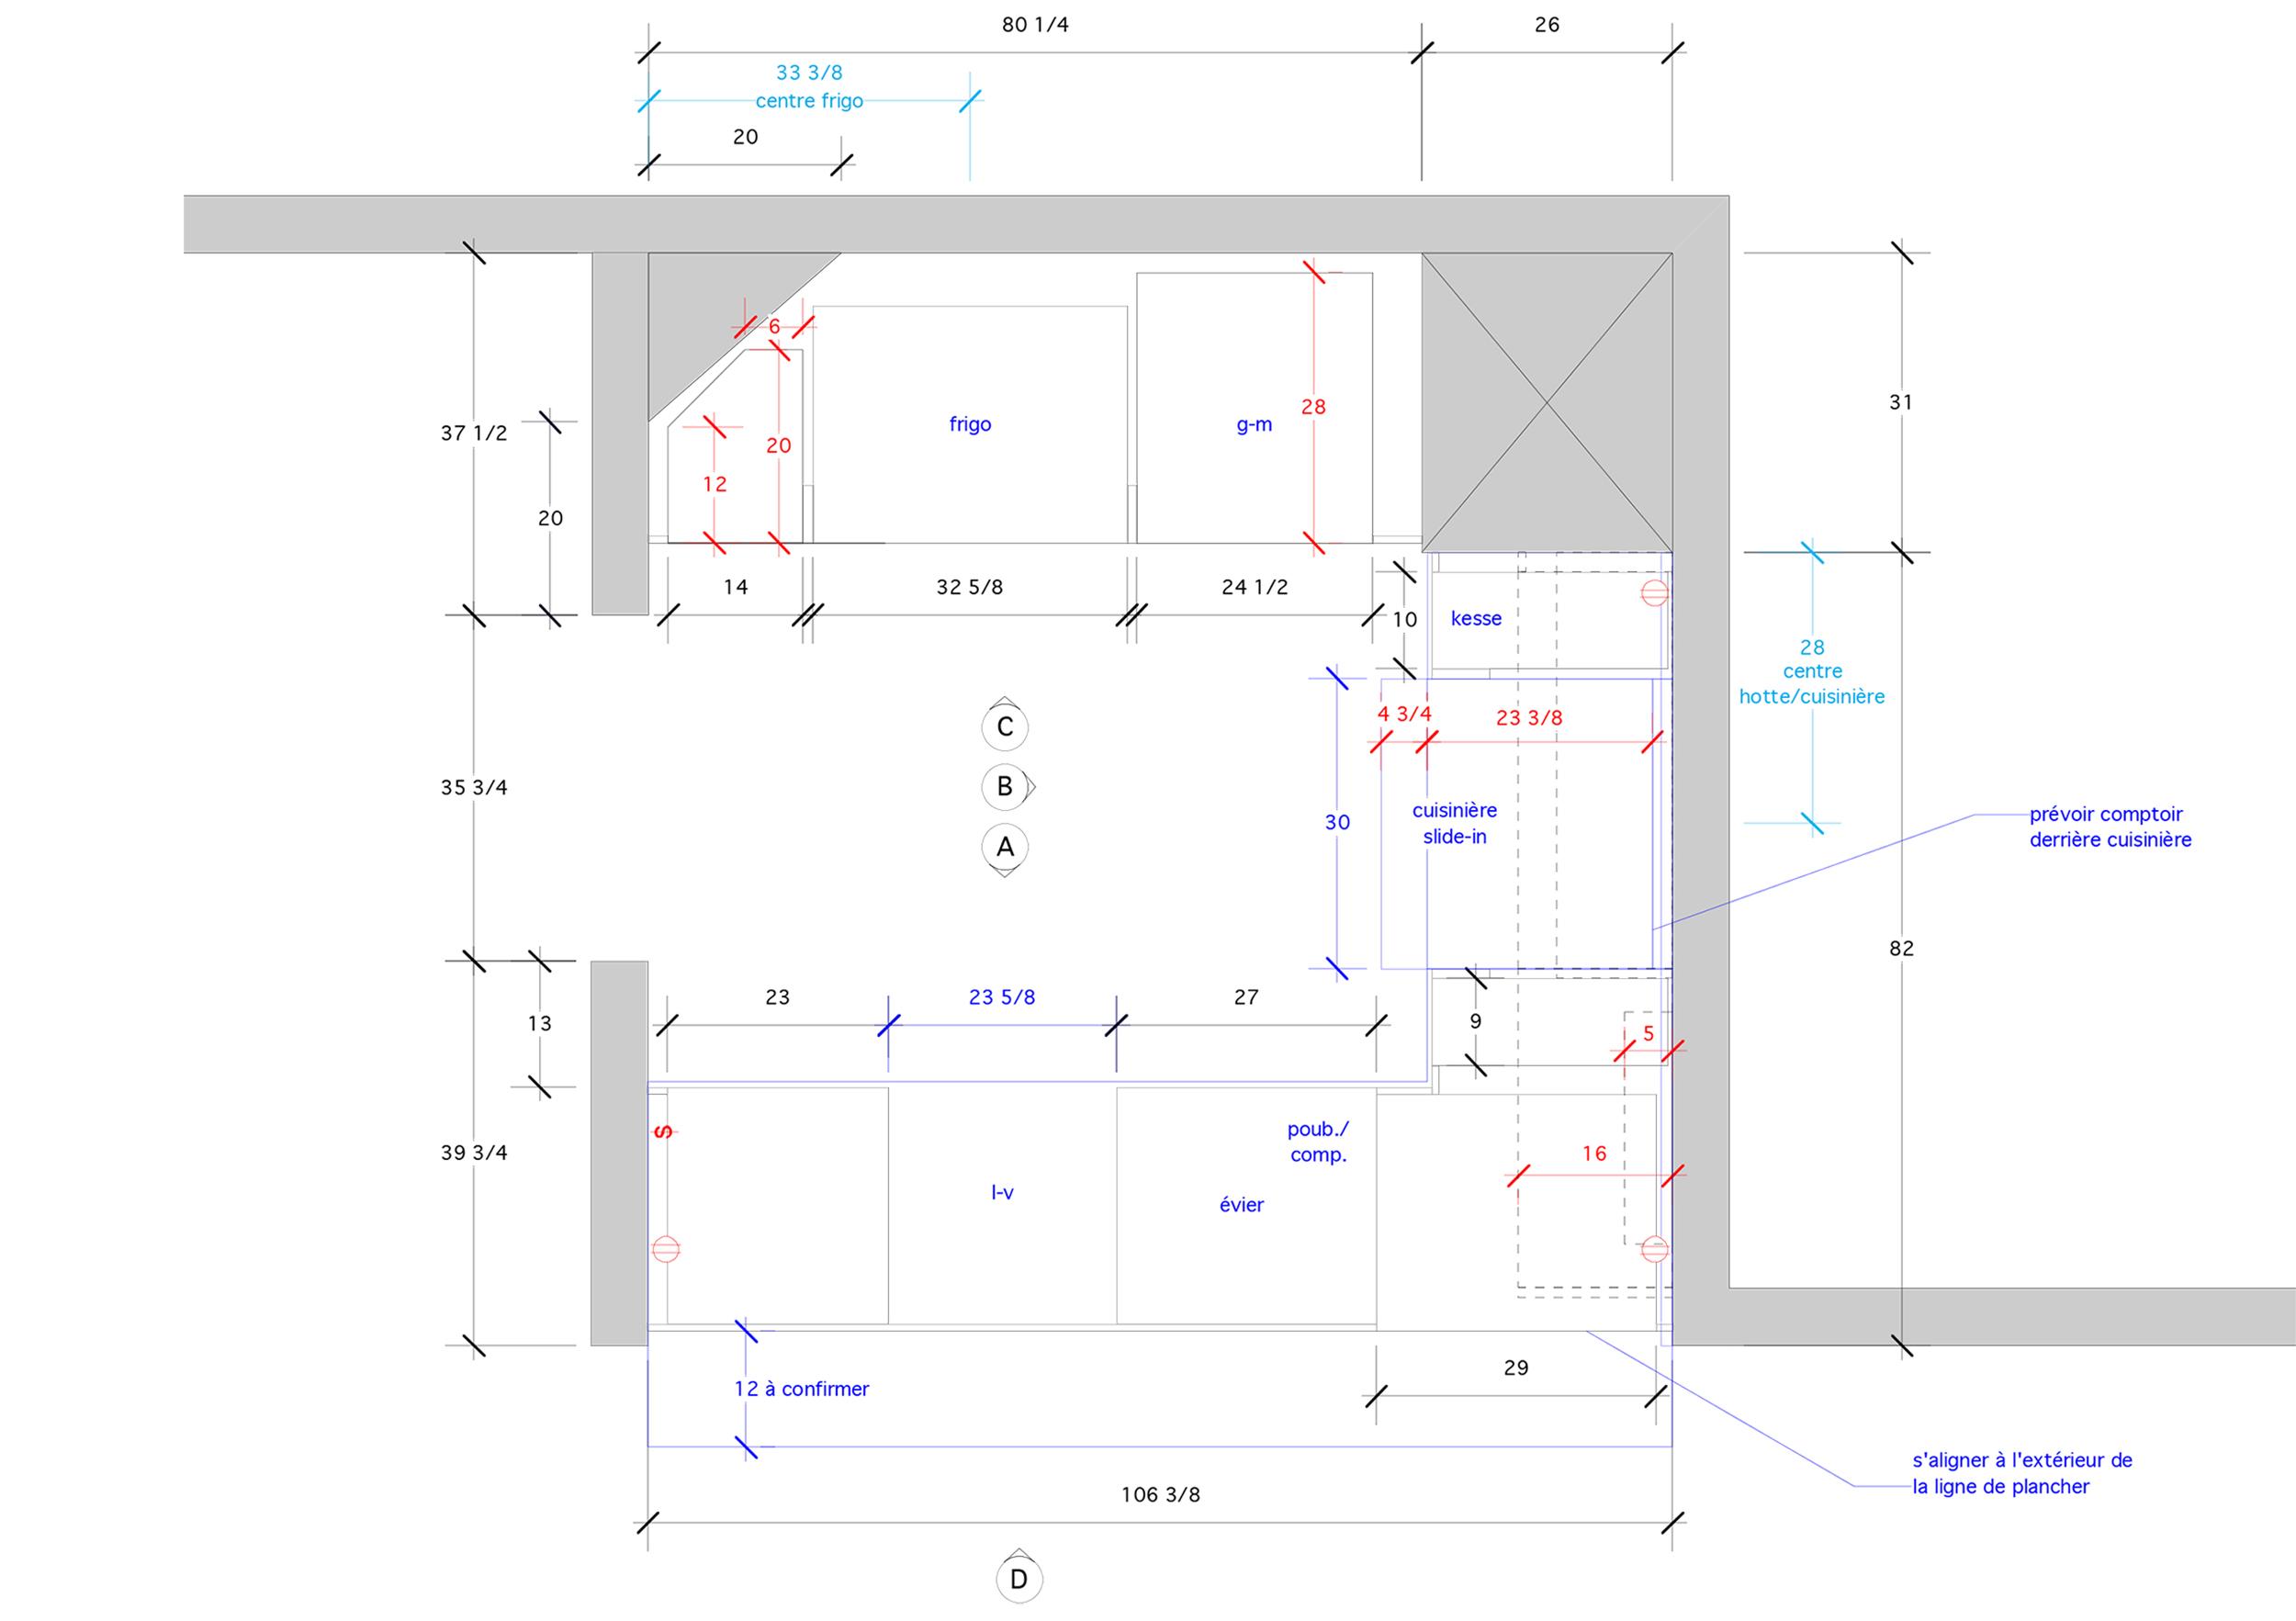 - Petite cuisine en U exiguë dans une maison classique montréalaise, un projet de rénovation pour égayer l'espace avec touche de vert qui personnalise la pièce. Un mur de laque blanche fonctionnel pour intégrer les électroménagers en toute discrétion et privilégier l'espace résiduel en zone de travail (cuisson et lavage) sans aucune obstruction.Matériaux: laque de polyuréthane verte et blanche avec 30% de lustre, tablette de placage d'orme - effet planche, dosseret & comptoir de marbre.